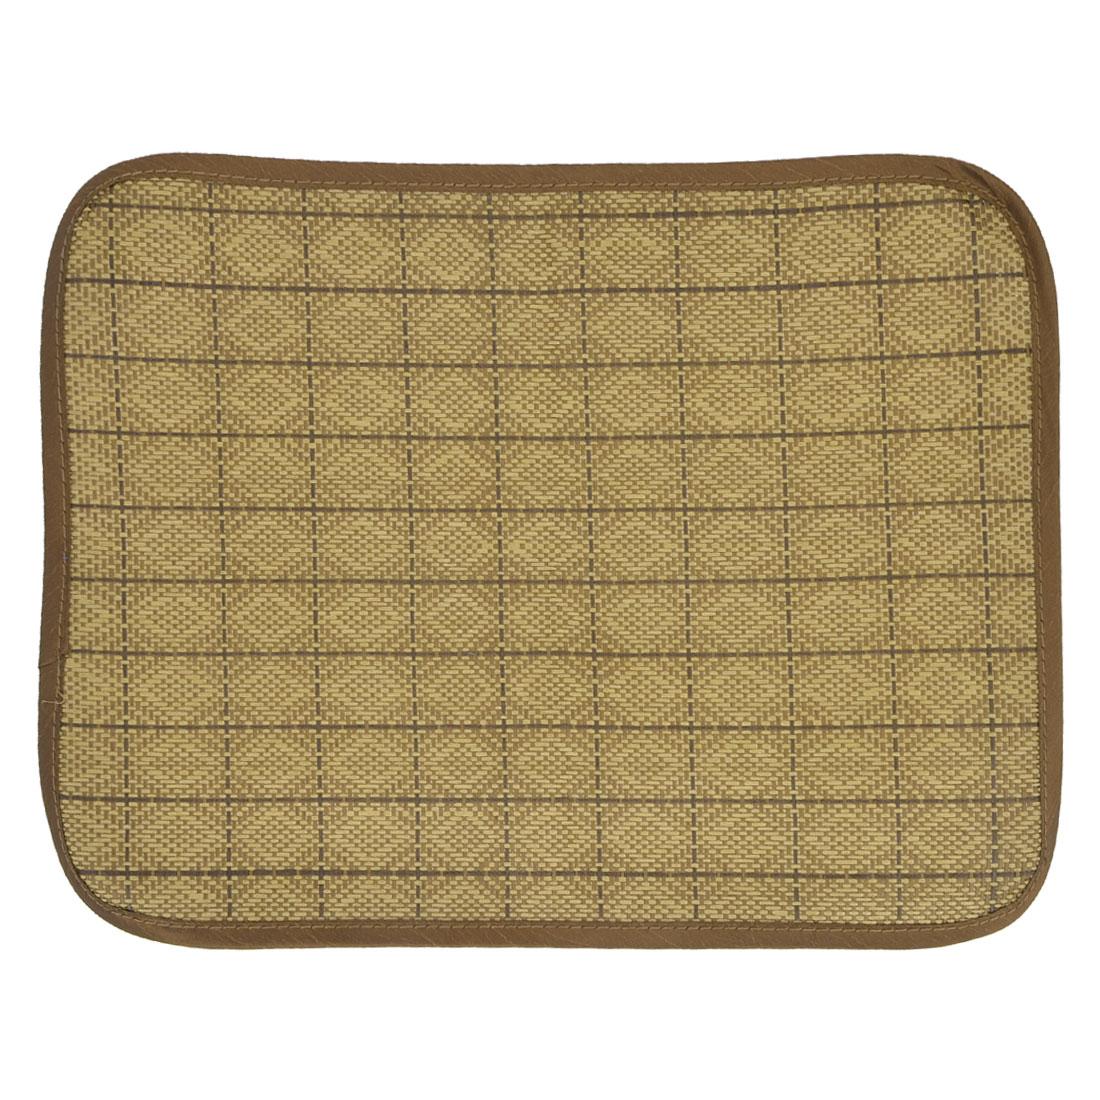 Brown Rattan Weaved Design Summer Pet Puppy Dog Cat Bed Mat 40cm x 30cm